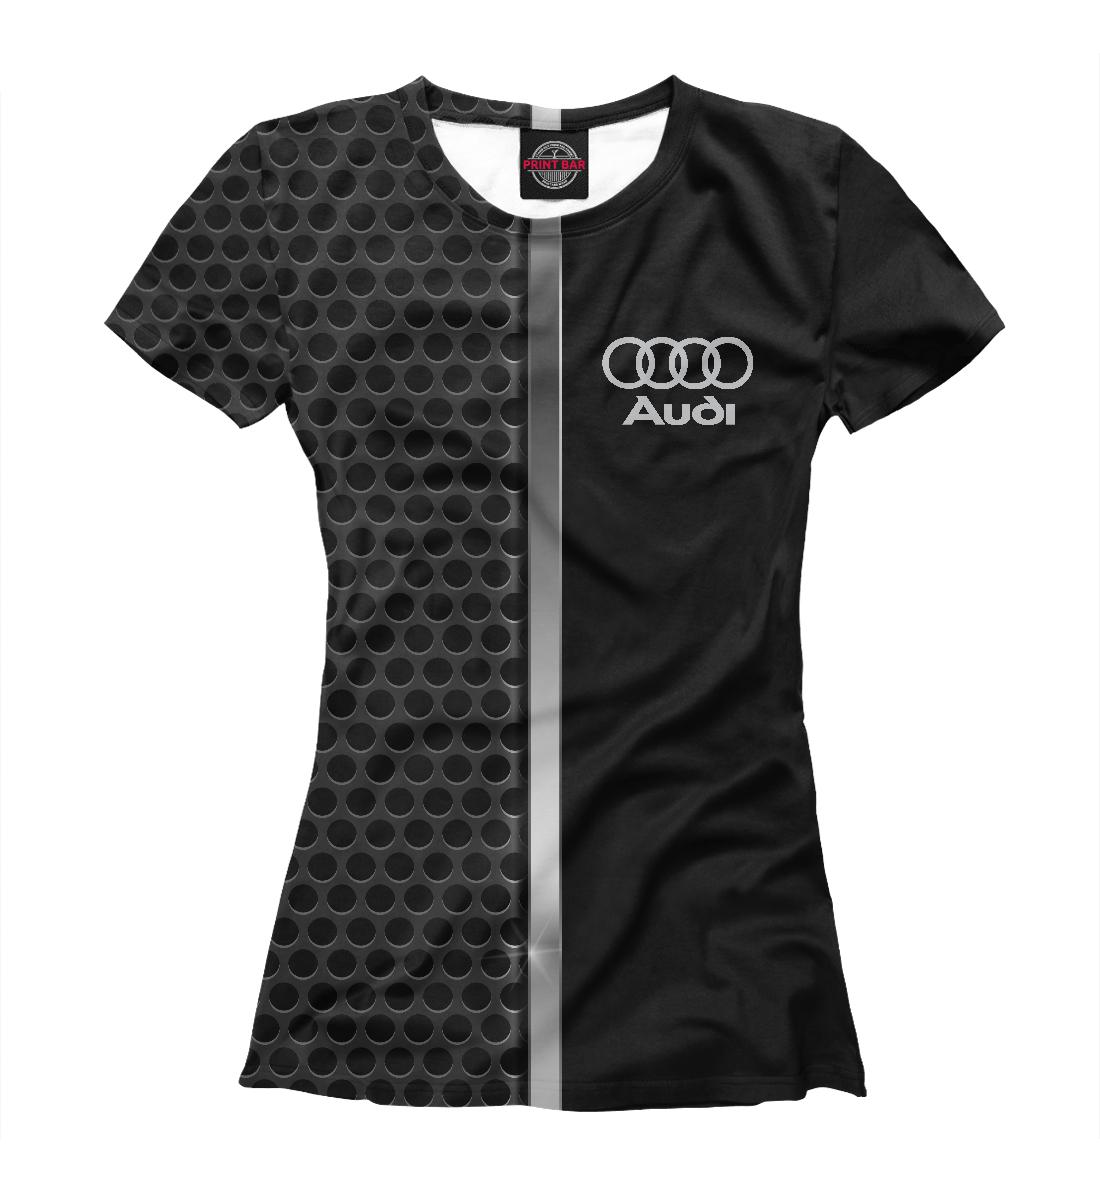 Купить Audi, Printbar, Футболки, AUD-362857-fut-1